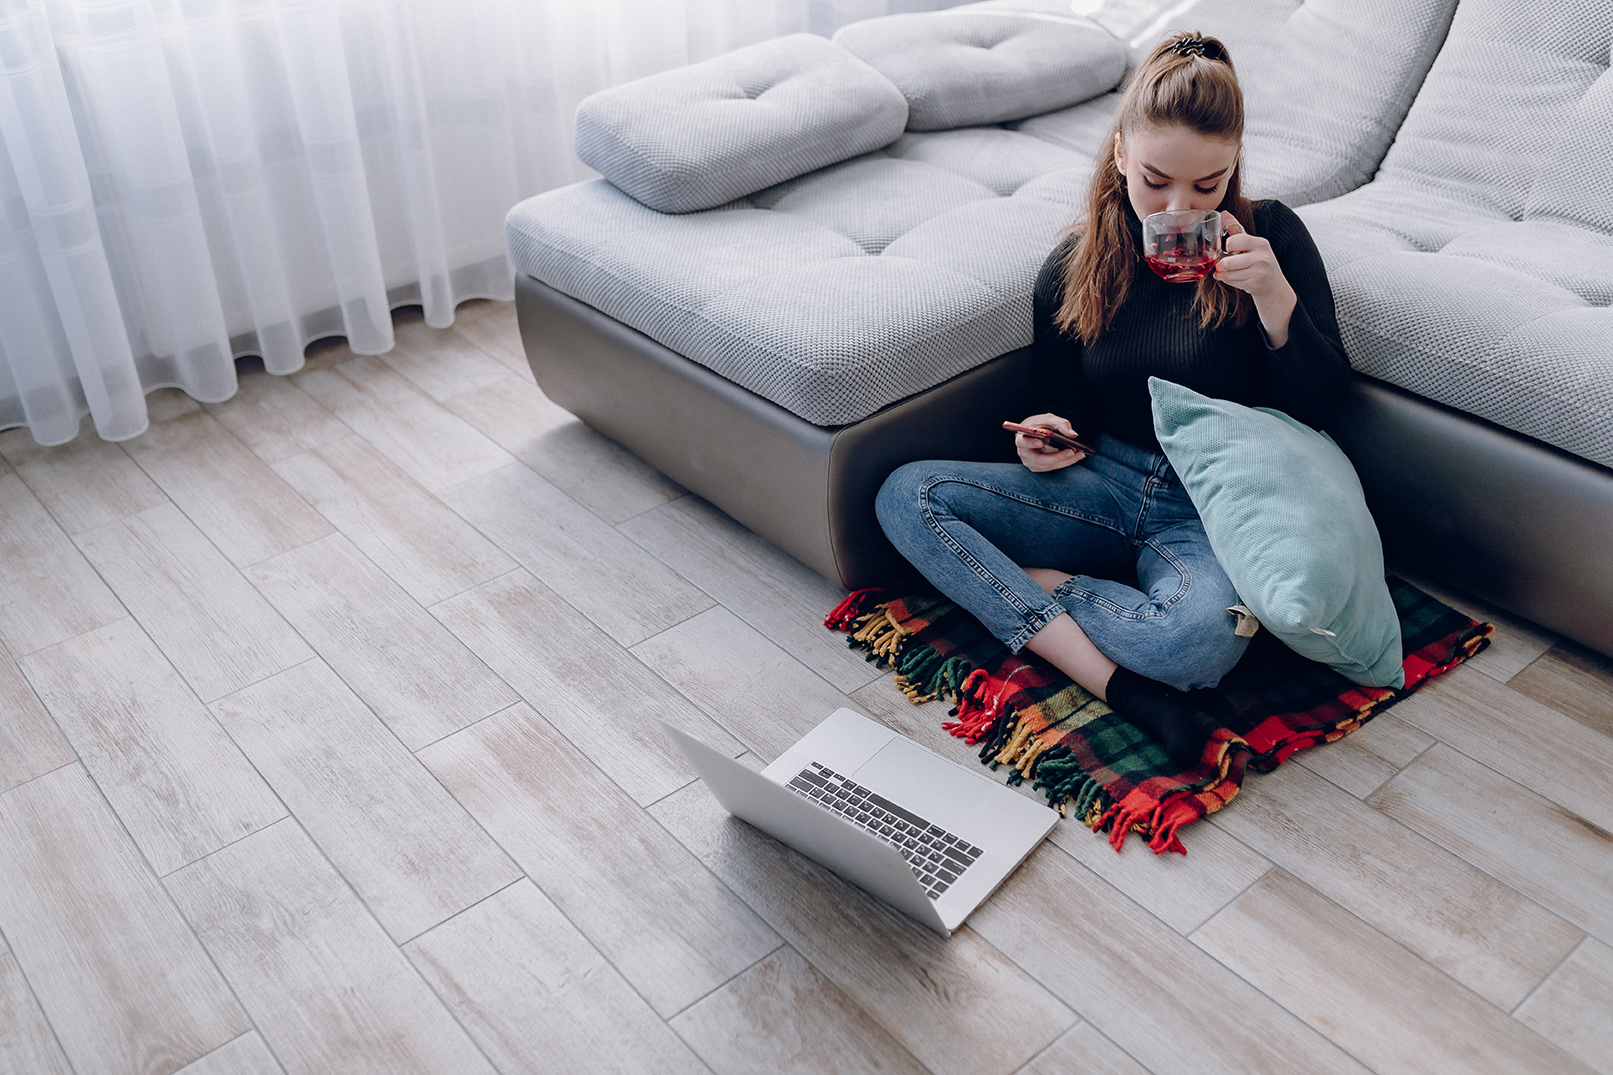 aluguel-fácil - mulher usando computador bebendo chá